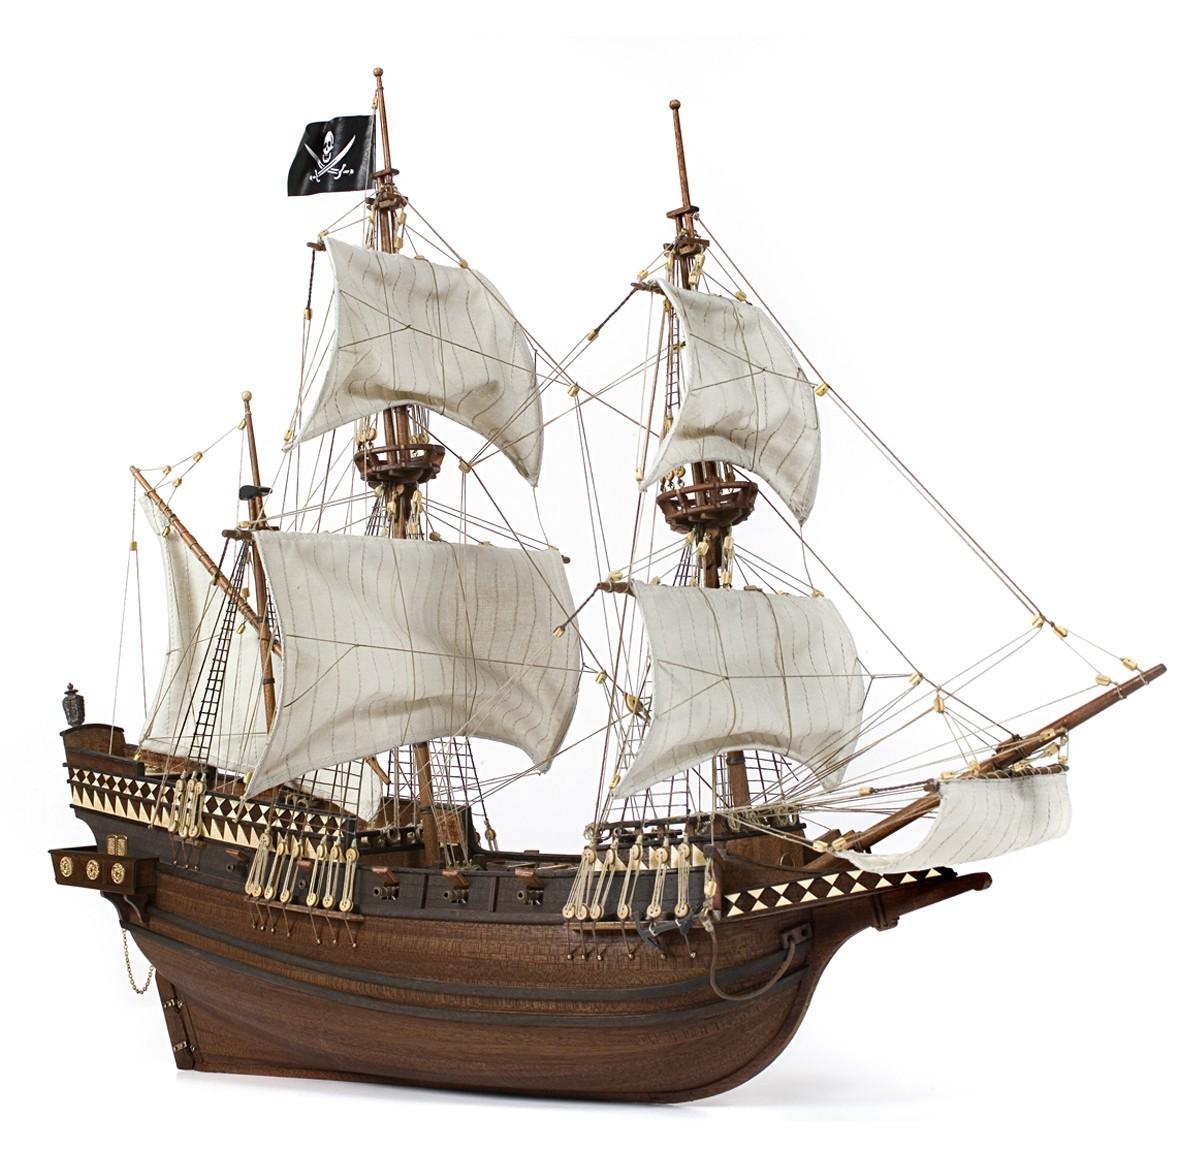 Buccaneer Caribbean